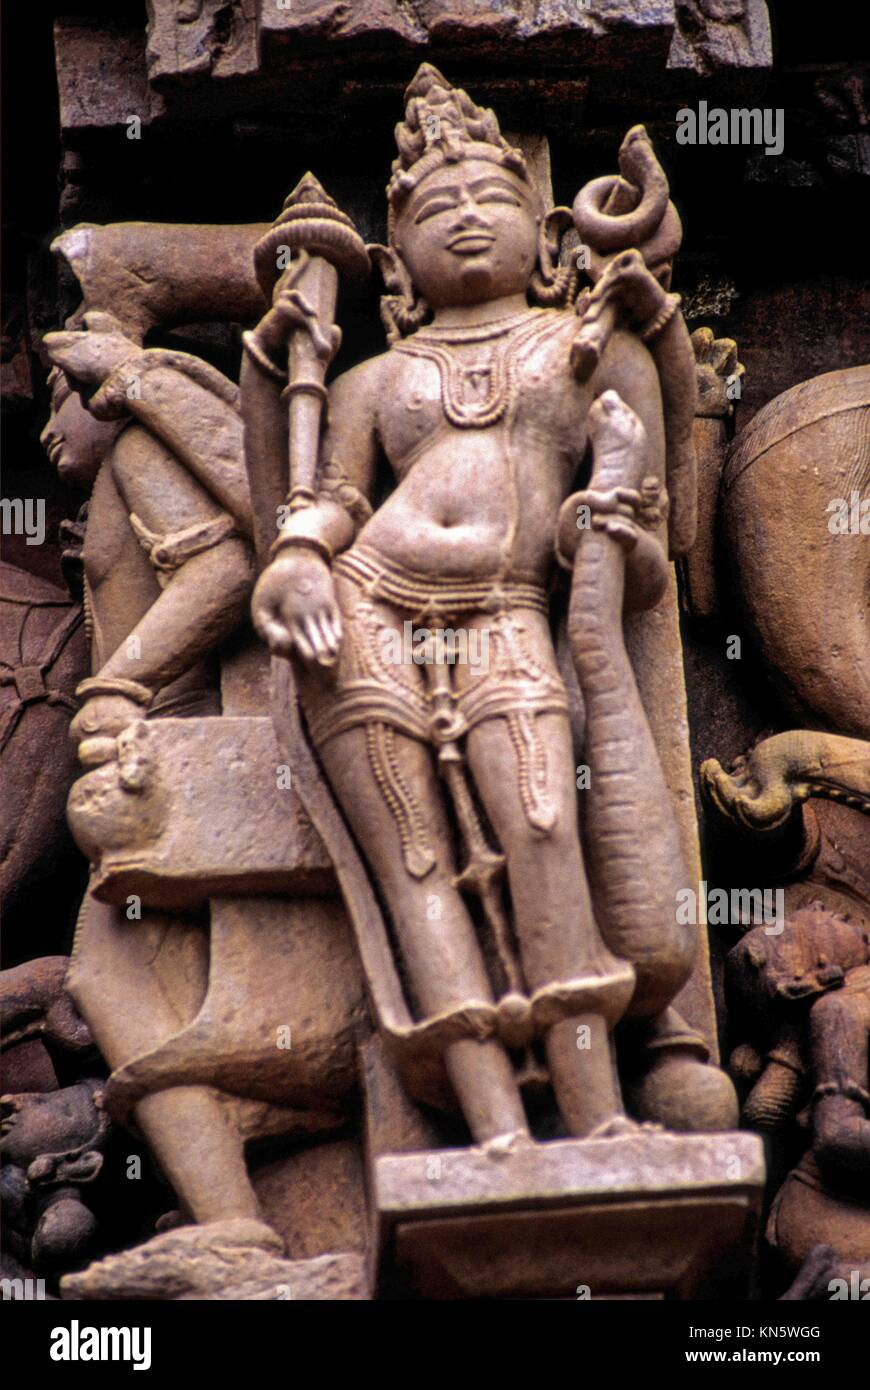 Representación de Shiva en el Templo Devi Jagadambi sX. Khajuraho. En Madhya Pradesh. La India. Asia. Foto de stock